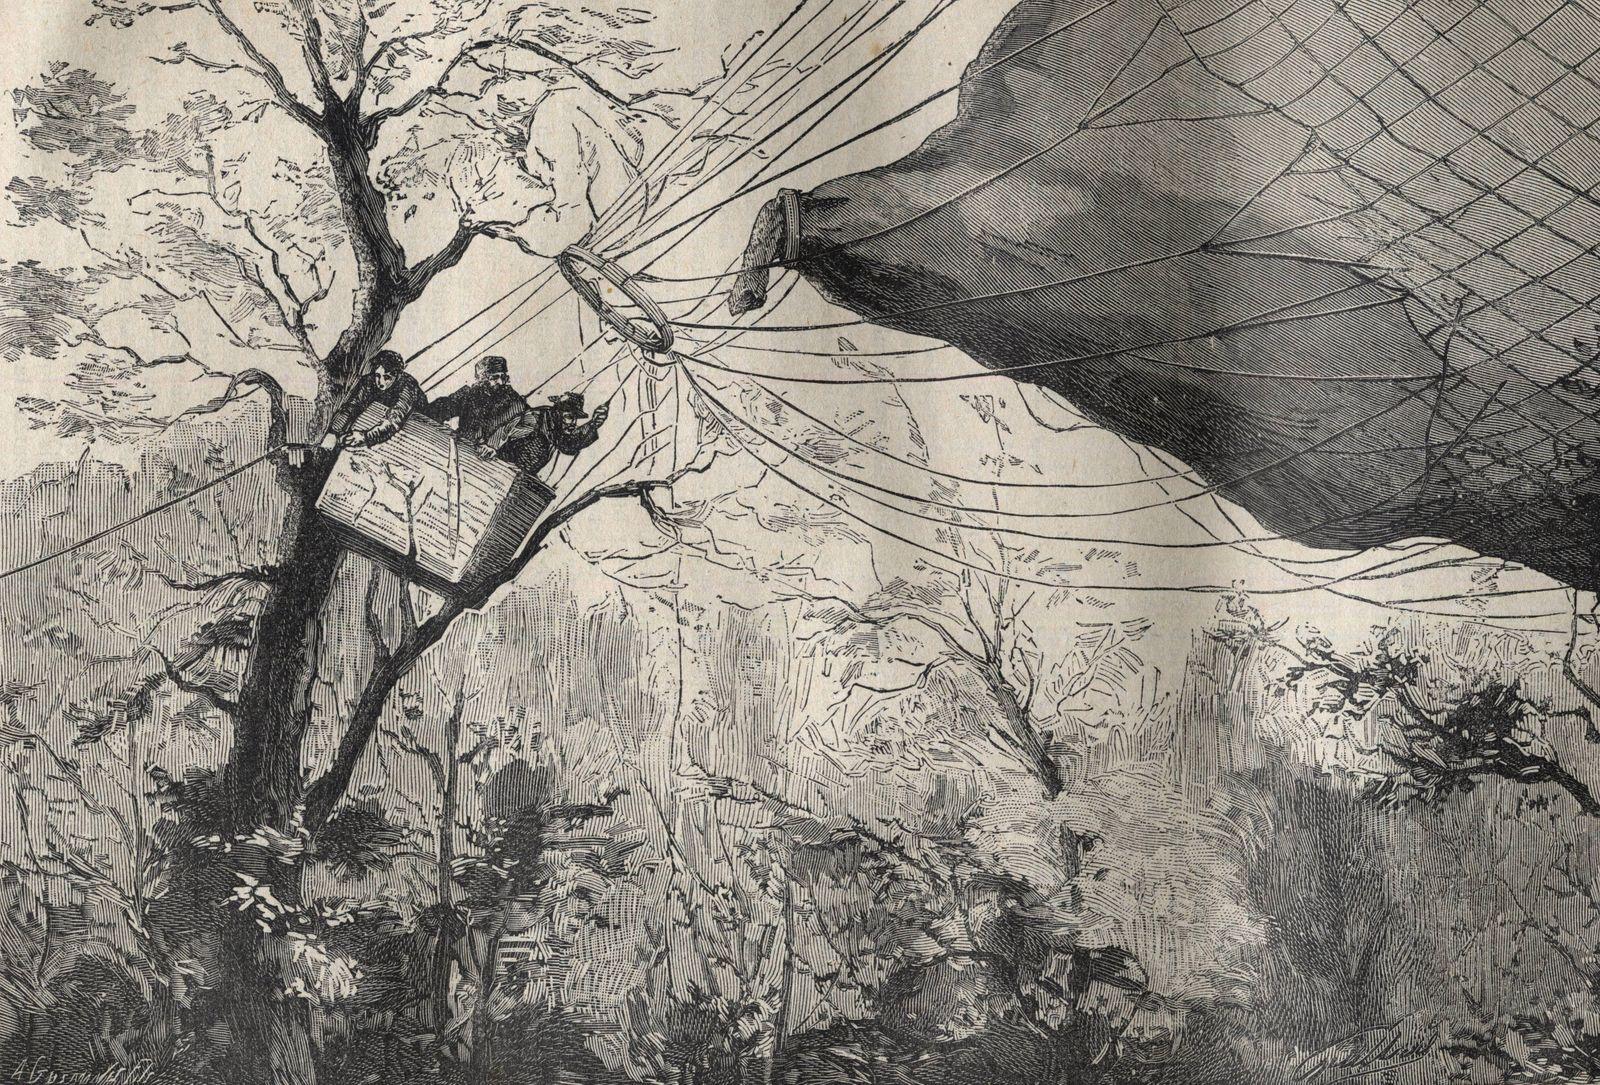 Guerre de 1870 la descente du ballon l Armand Barbes avec Leon Gambetta 1838 1882 a son bord le